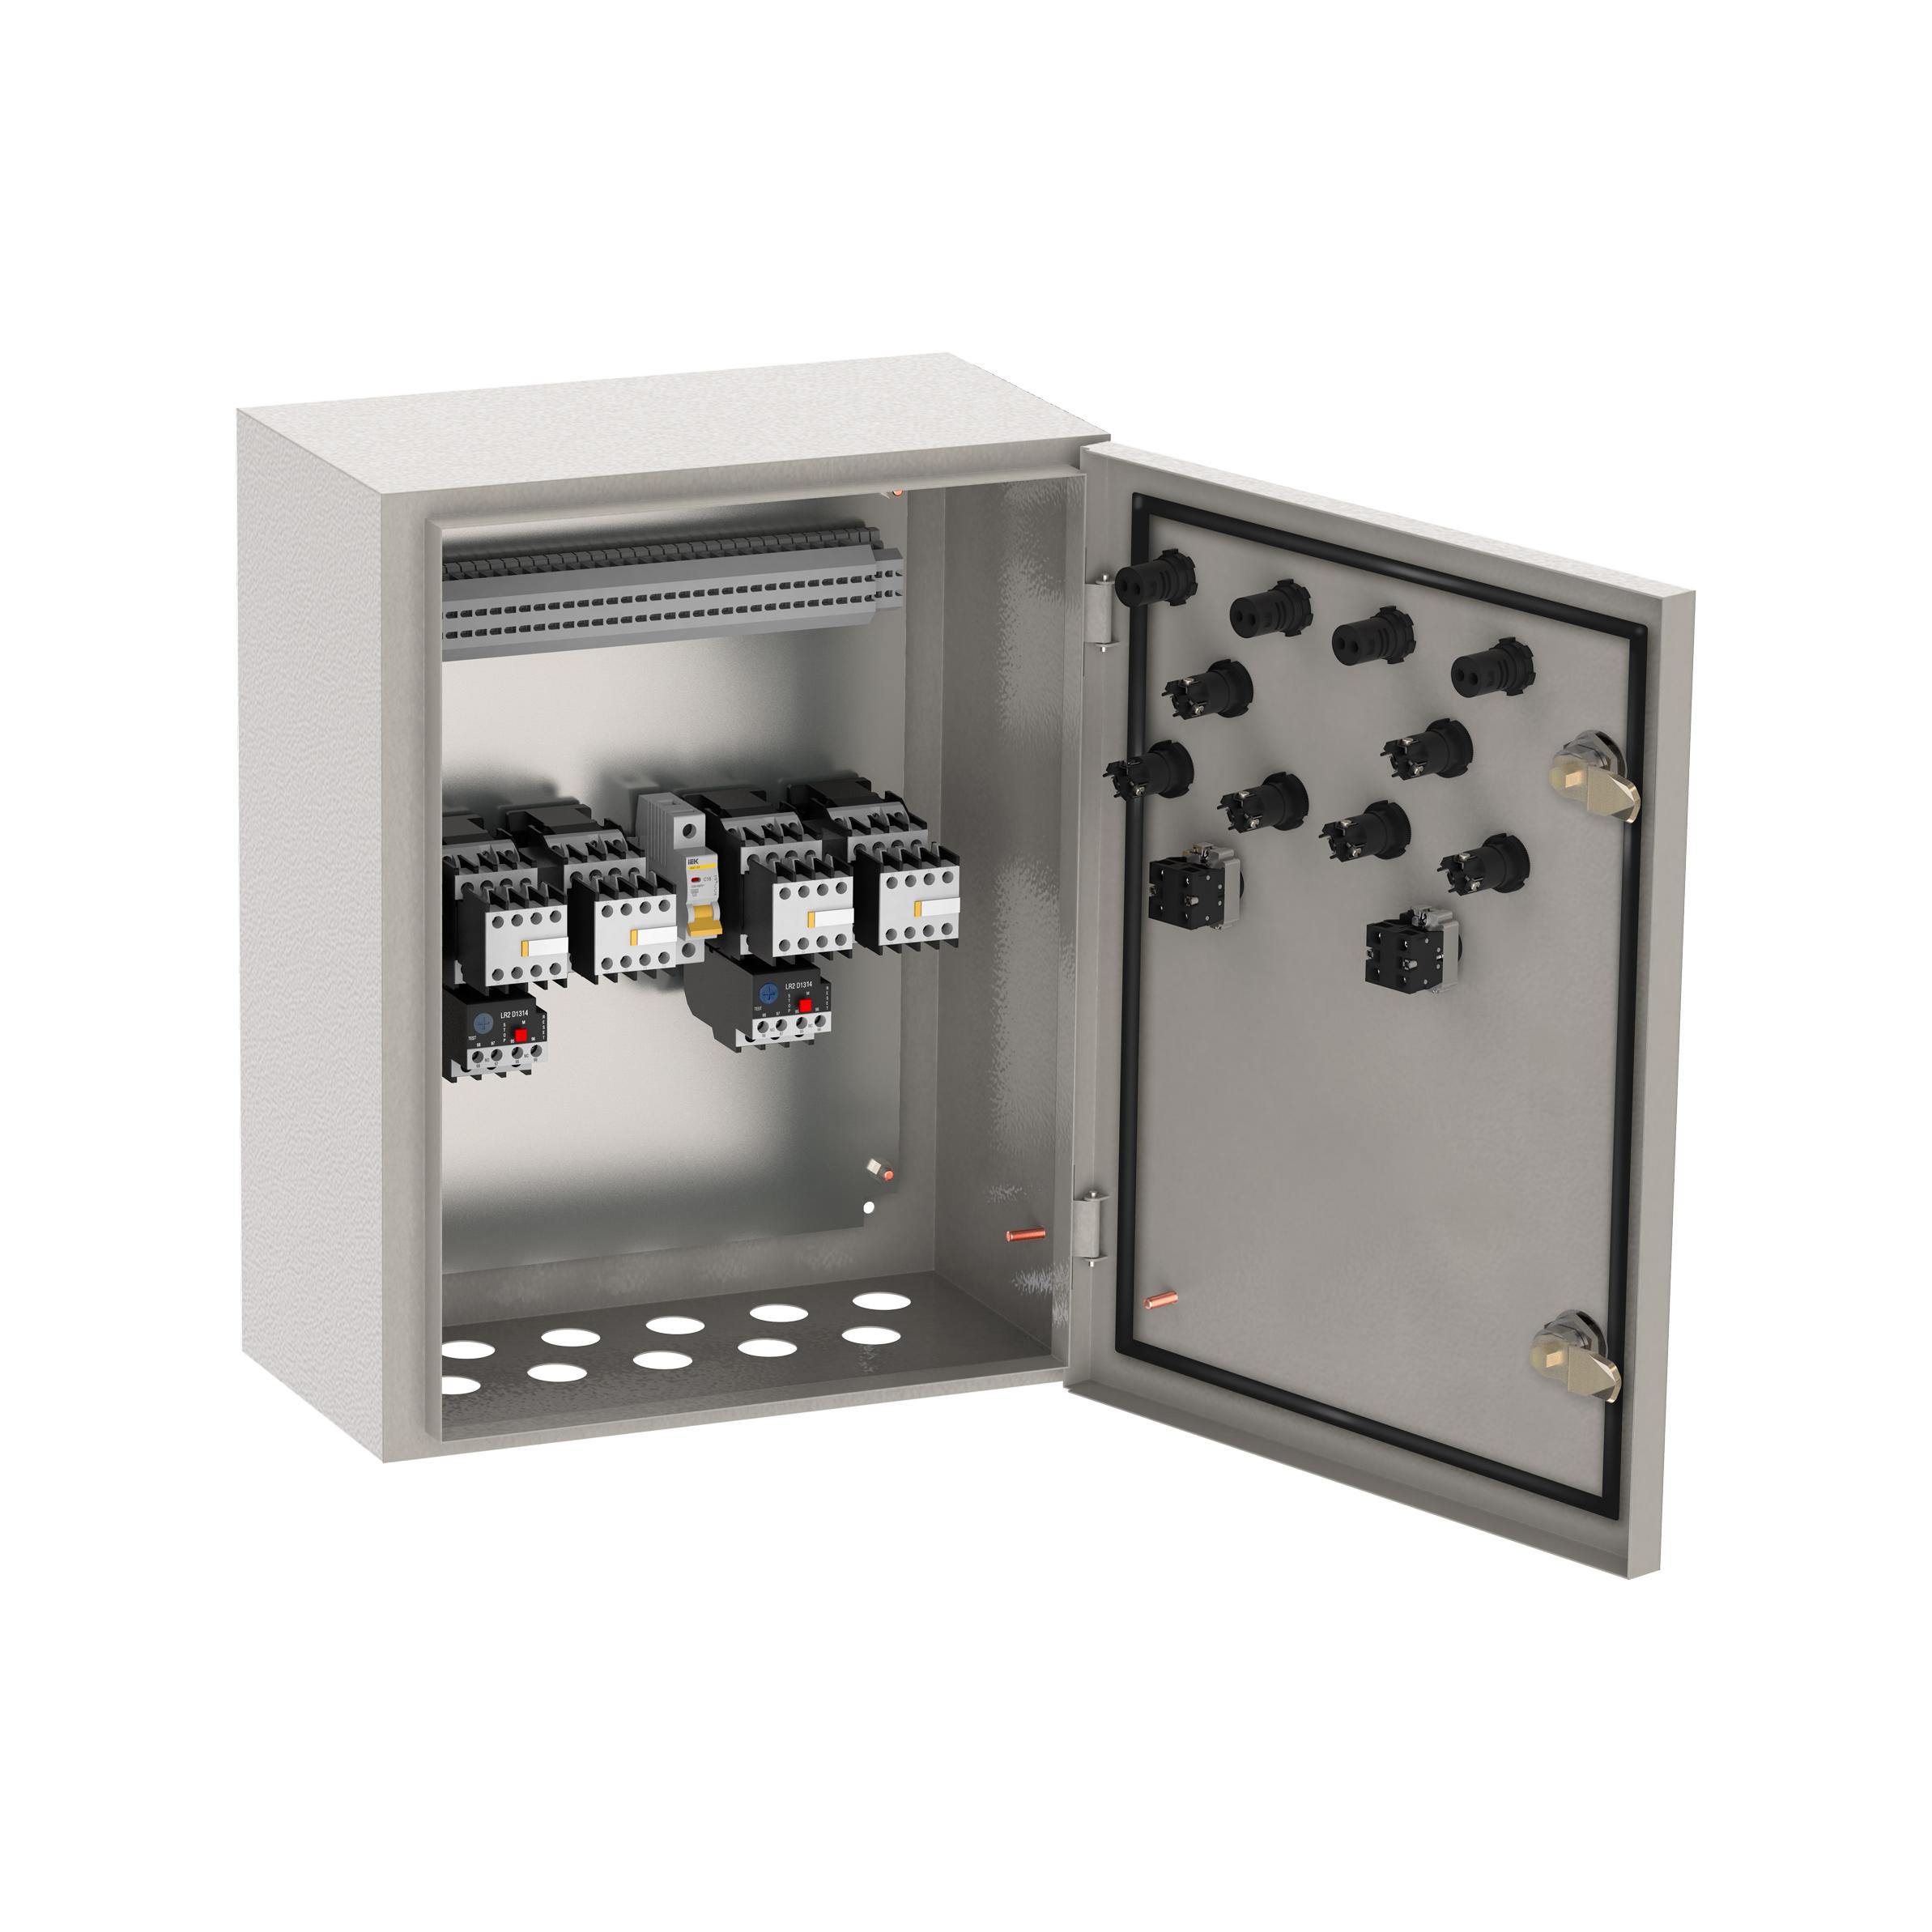 Ящик управления РУСМ5434-2074 реверсивный 2 фидера без автоматического выключателя без переключателя на автоматический режим 1А IP54 IEK